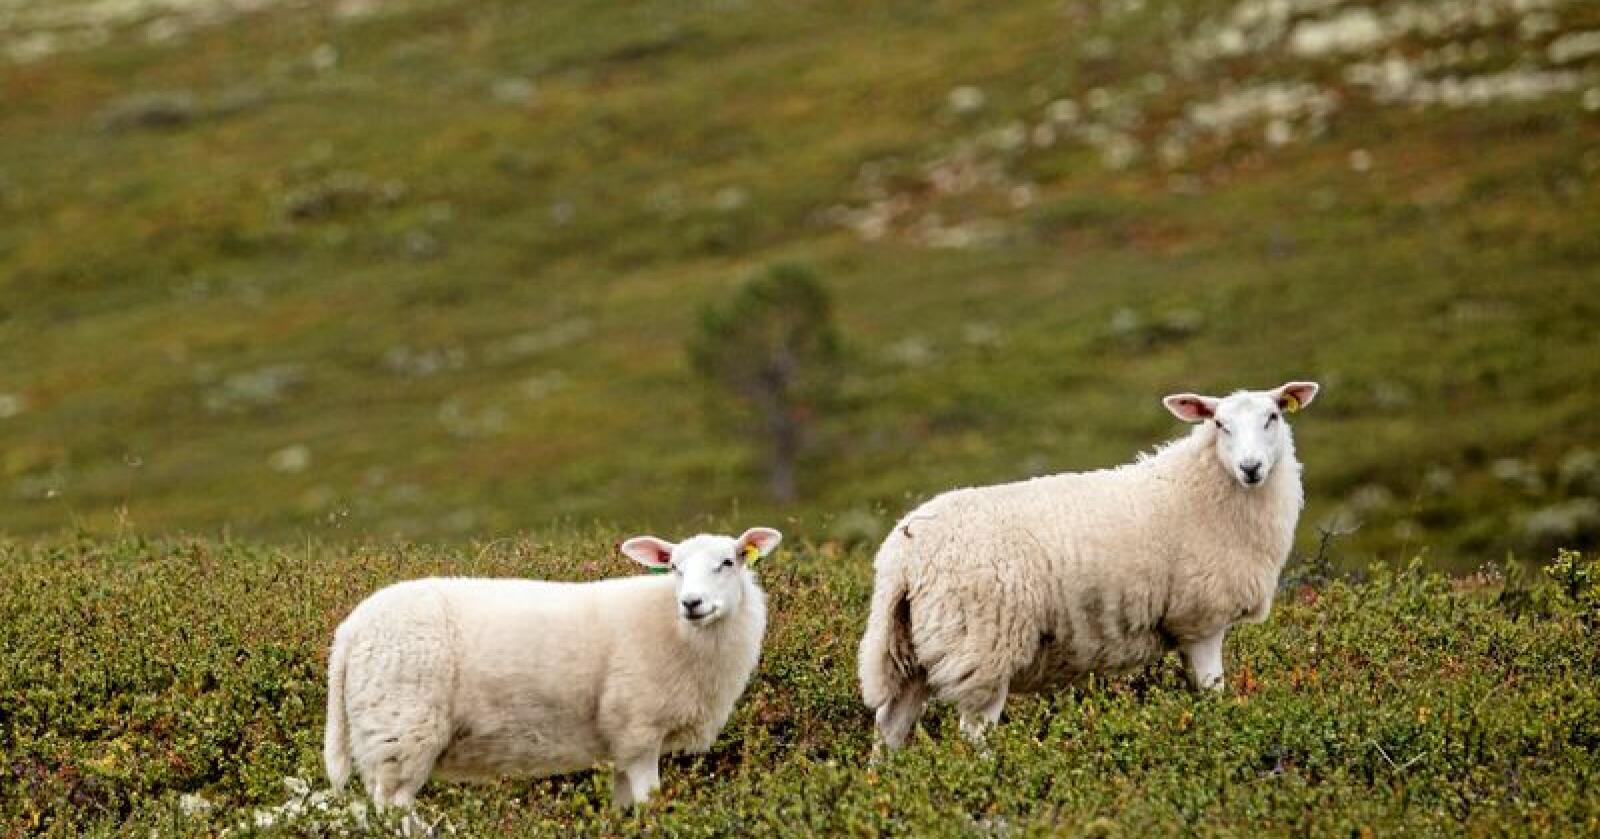 Drøvtyggere som sauen blir ofte en syndebukk i klimaregnskapet, men det finnes mer enn én måte å telle en sauefjert på, skriver kronikkforfatterne. Foto: Paul Kleiven/NTB Scanpix